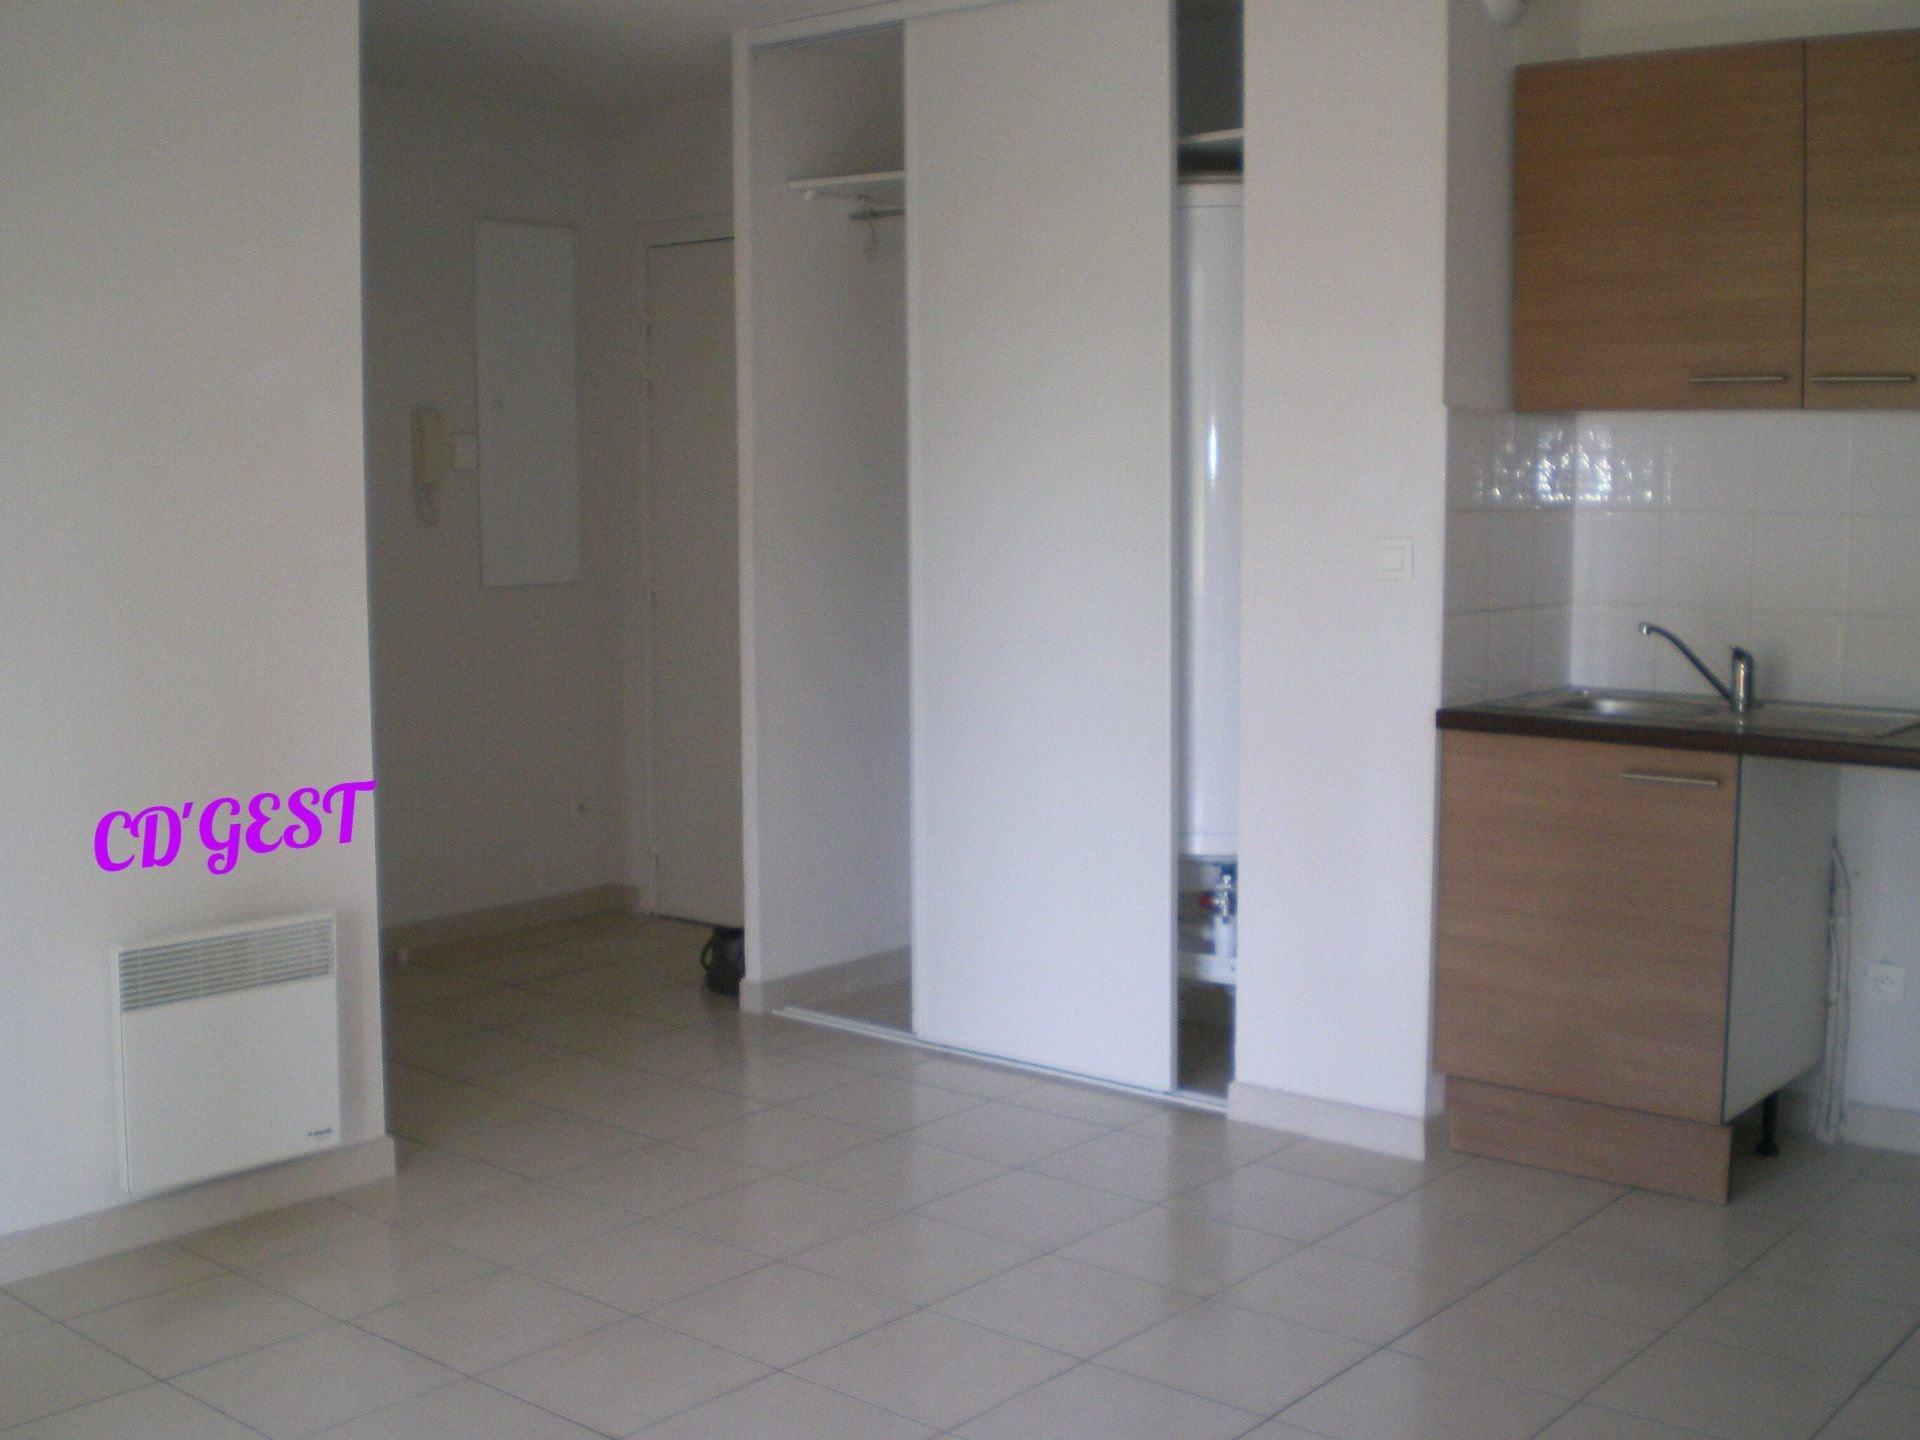 Appartement T3 : 53.69 m² en RDC